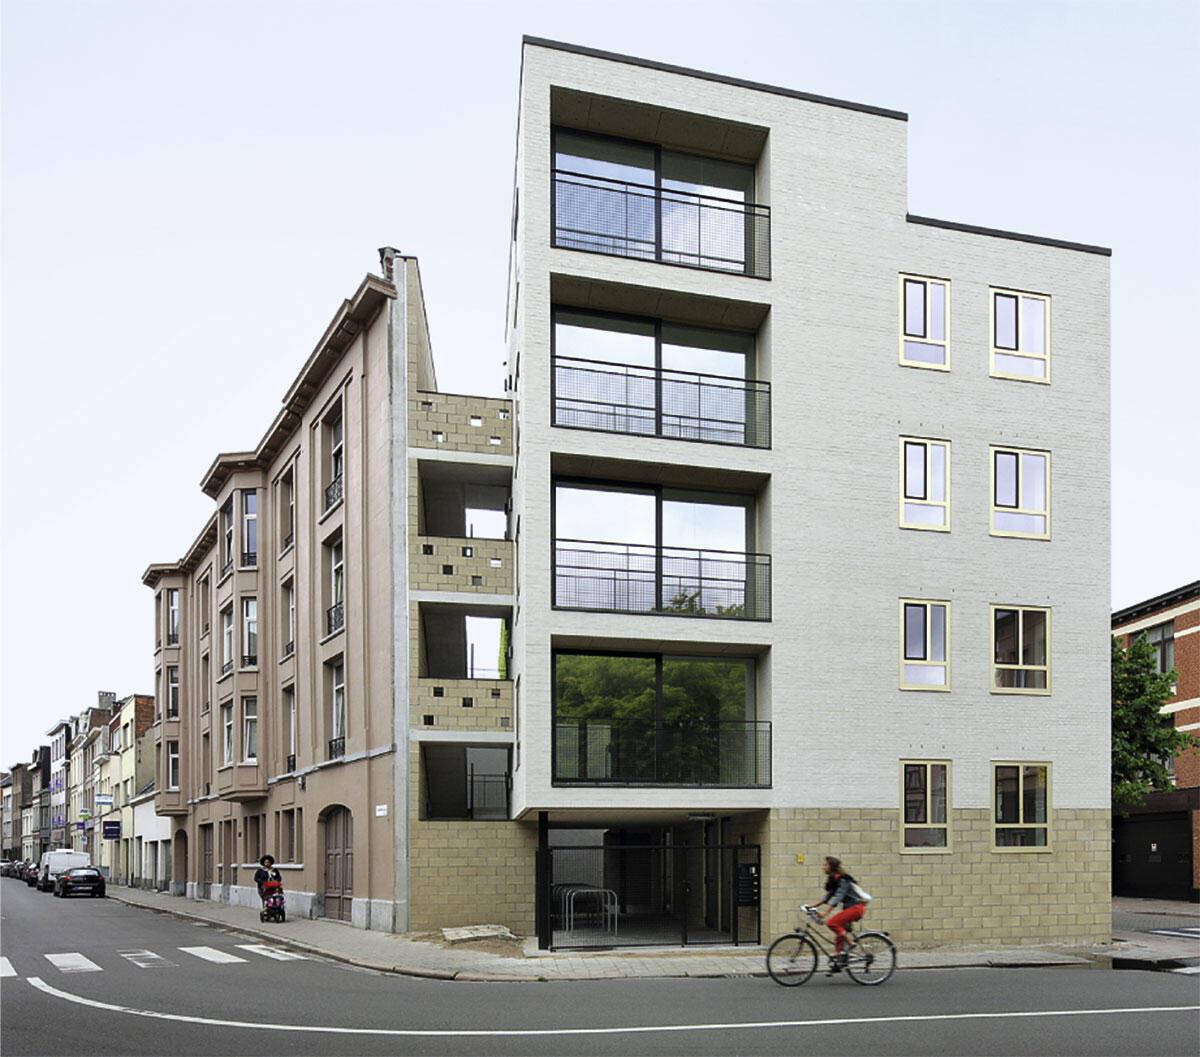 Mehrfamilienhaus in Borgerhout/Antwerpen: Das Eckhaus mit vier Etagenwohnungen schliesst einen Bestandsblock in spitzem Winkel und schafft ein Gesicht für den kleinen Platz davor.